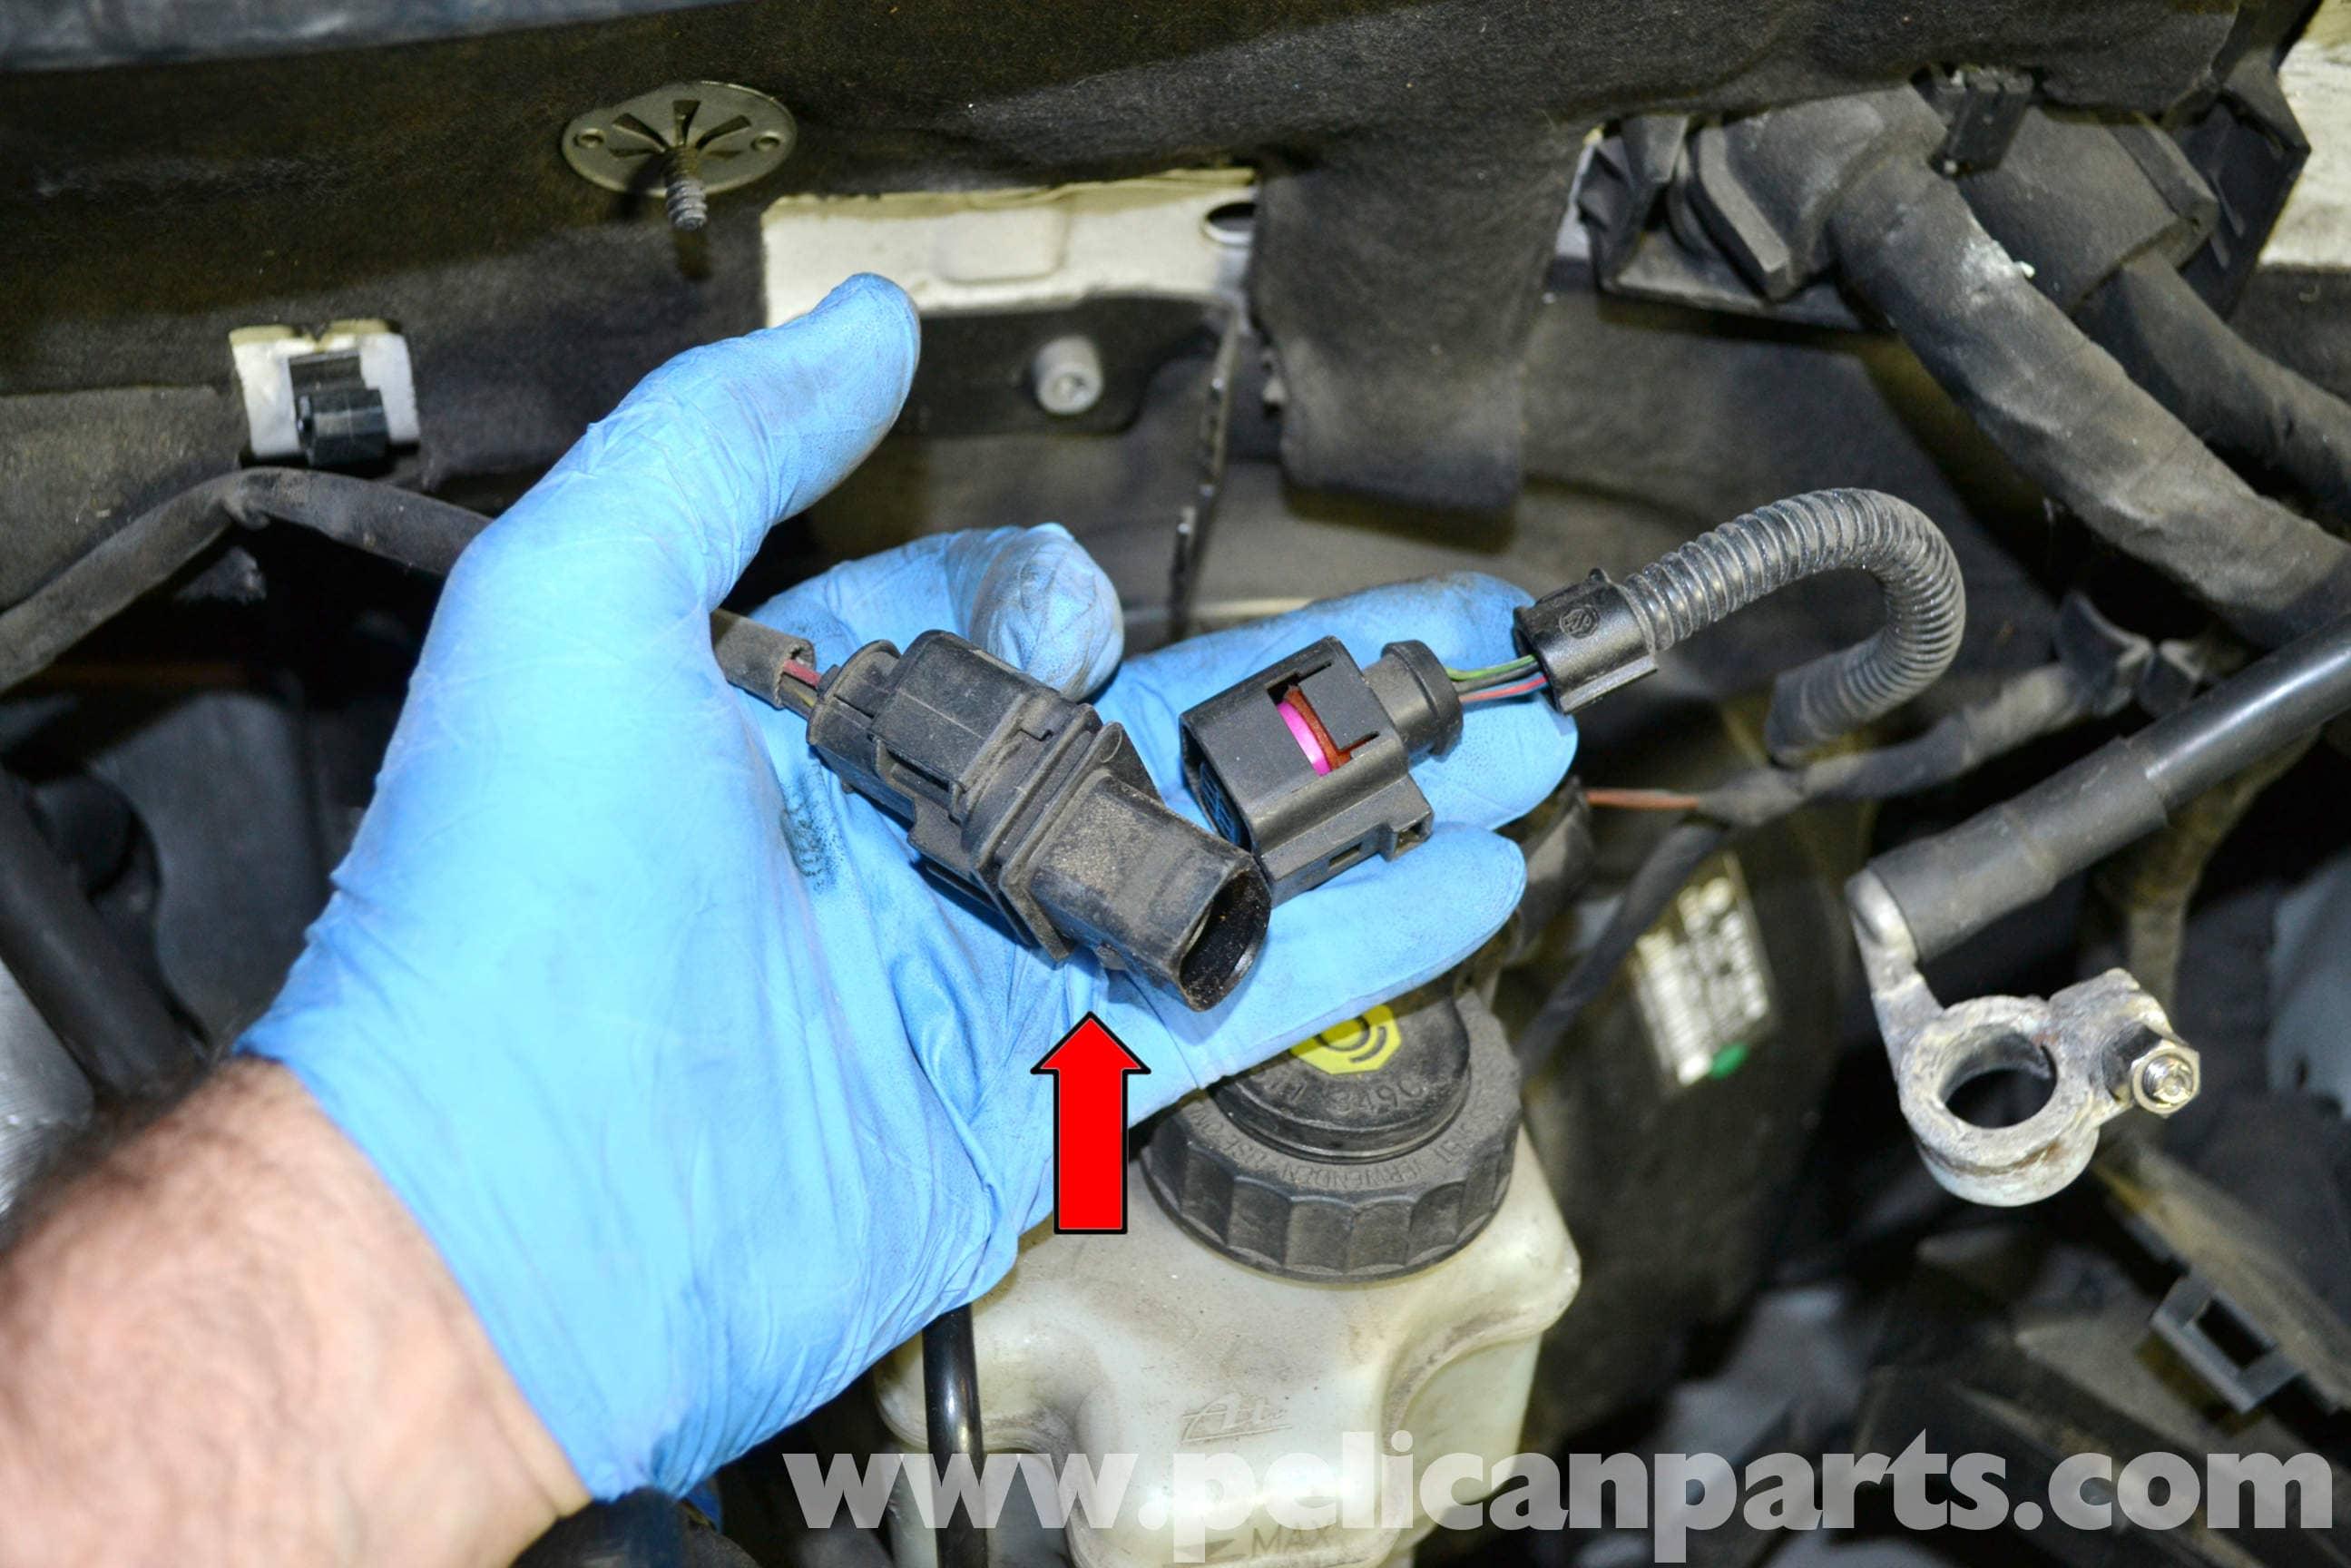 vw golf mk5 abs wiring diagram tigerz11 winch solenoid volkswagen gti mk v oxygen sensor replacement 2006